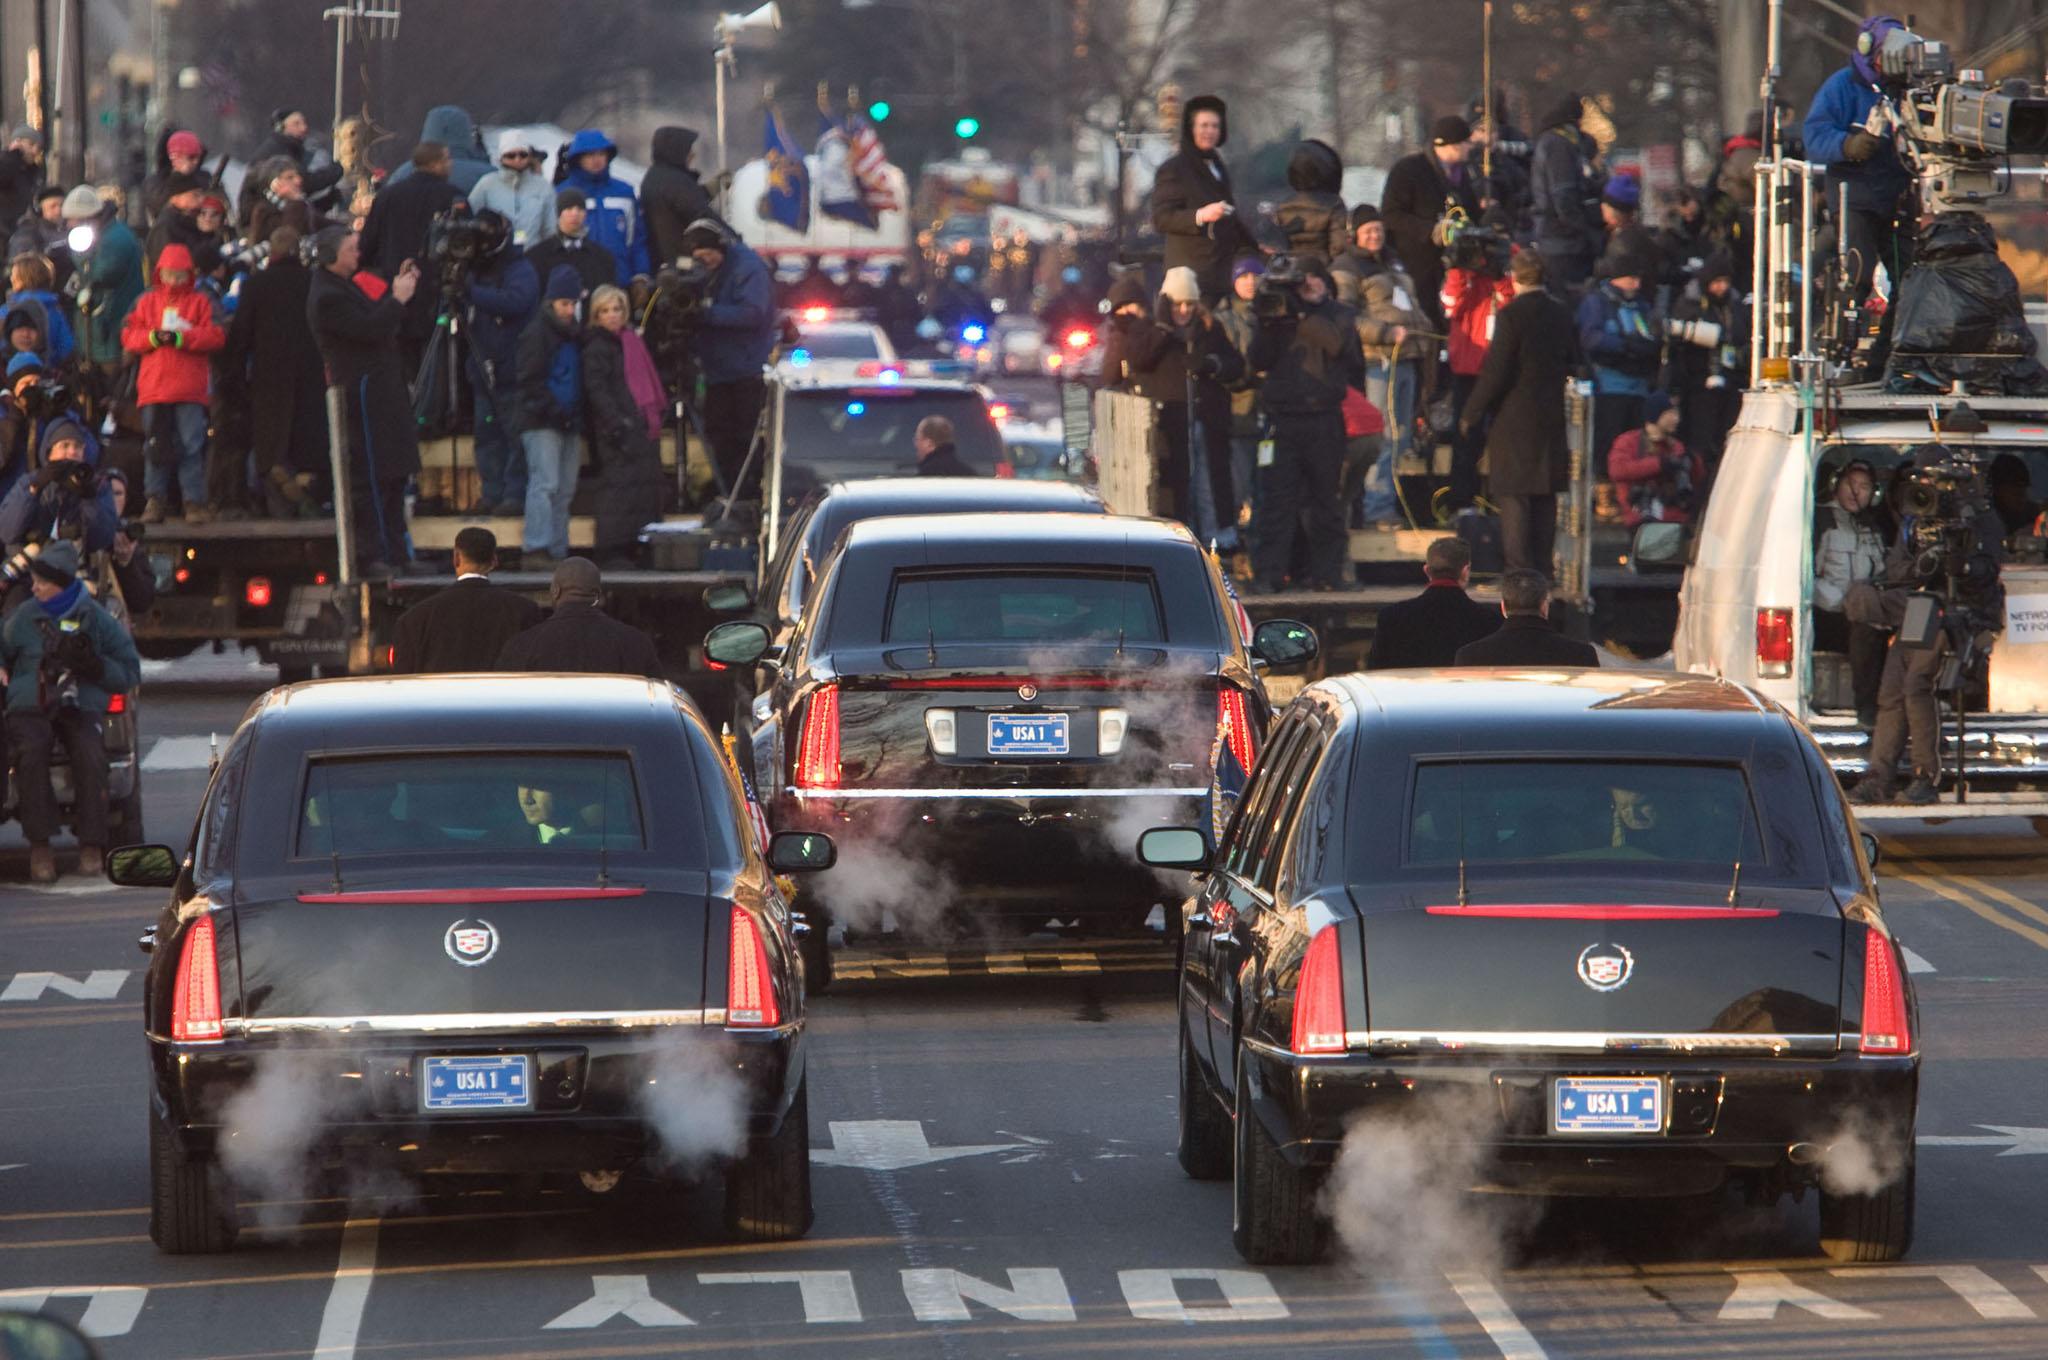 تصاویری از خودروی جدید ترامپ در سفر به نیویورک